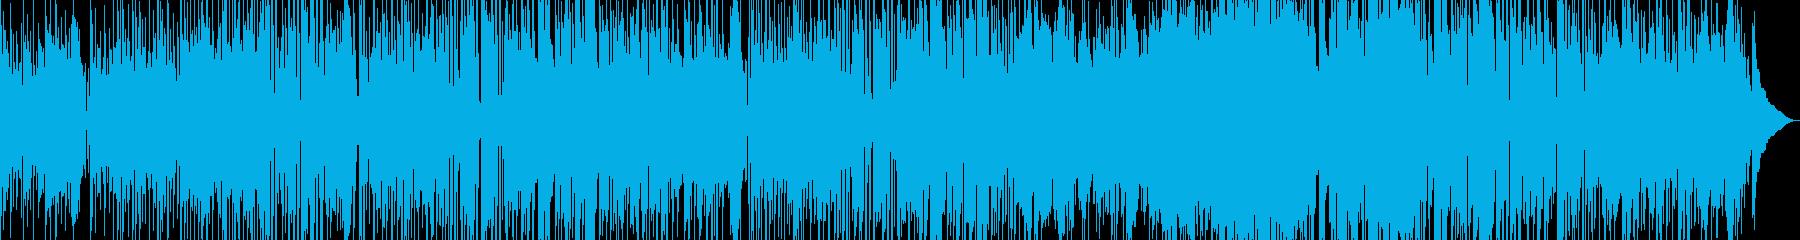 森の中・さわやかの再生済みの波形